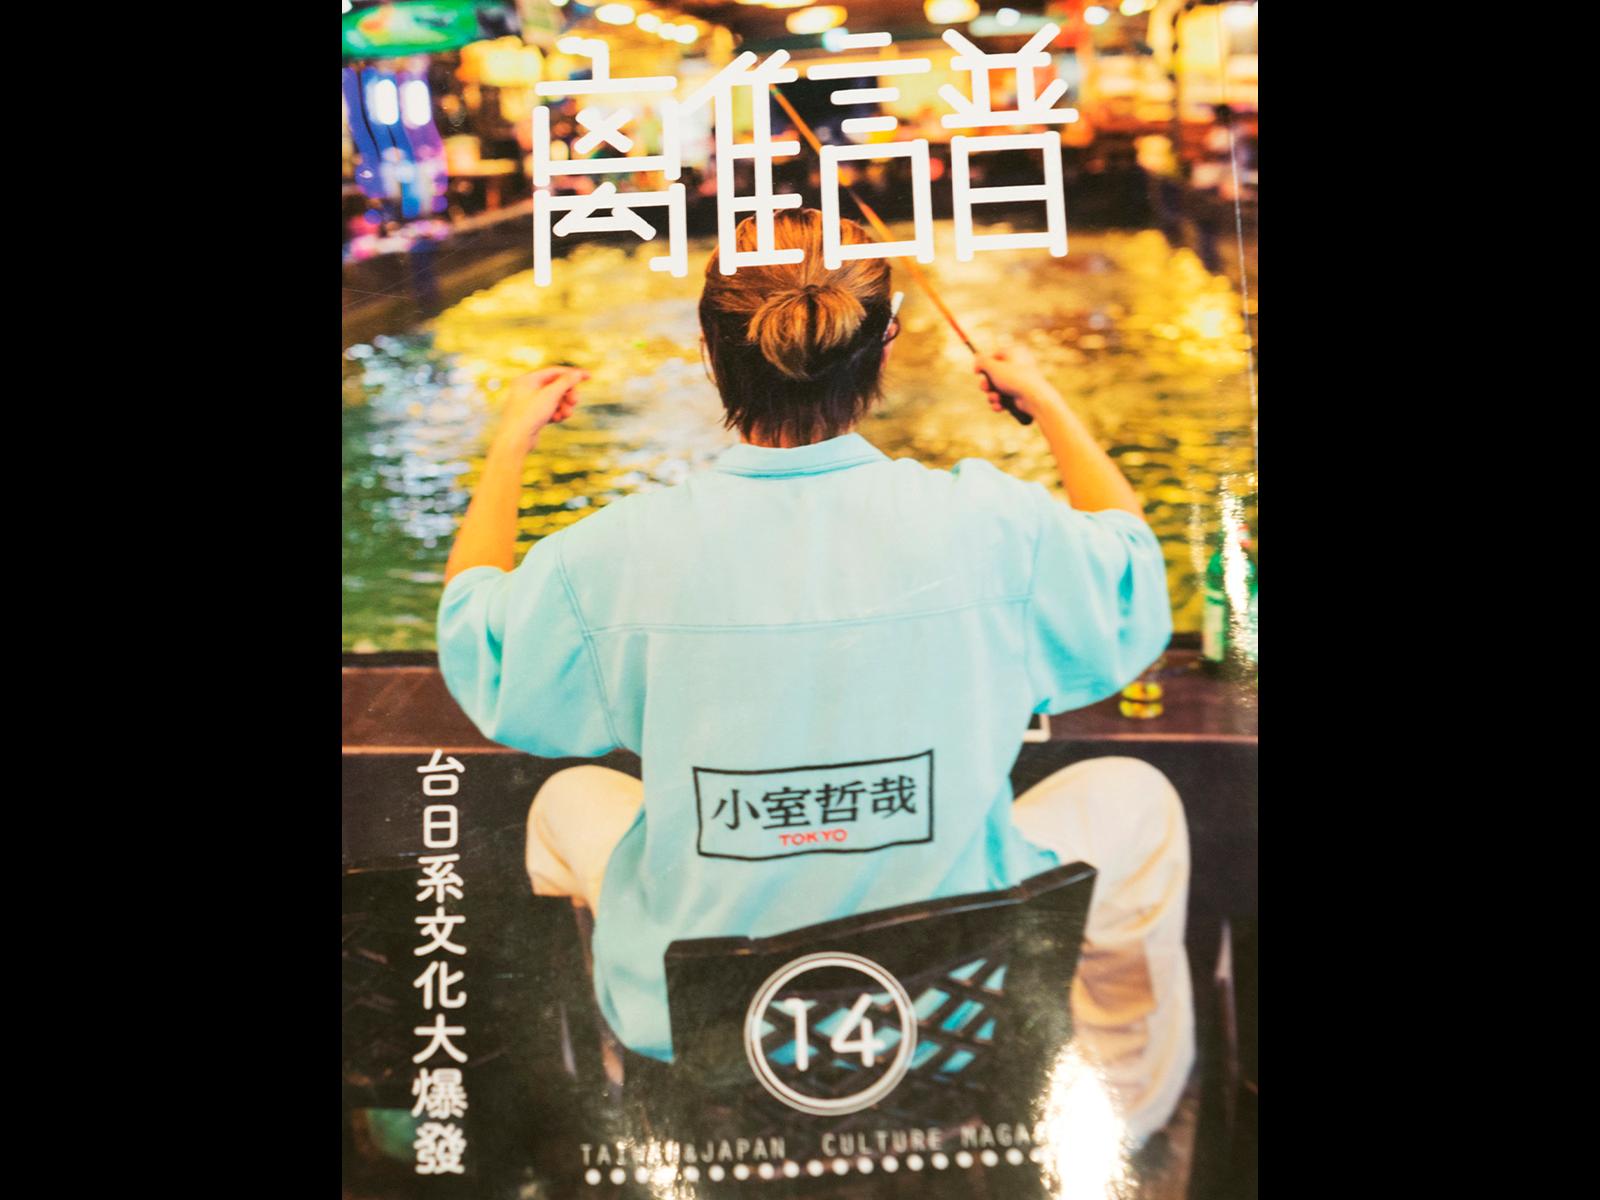 台日系カルチャーマガジン『離譜』。これまでの特集は「女子最強」「働き方」「空間」など。